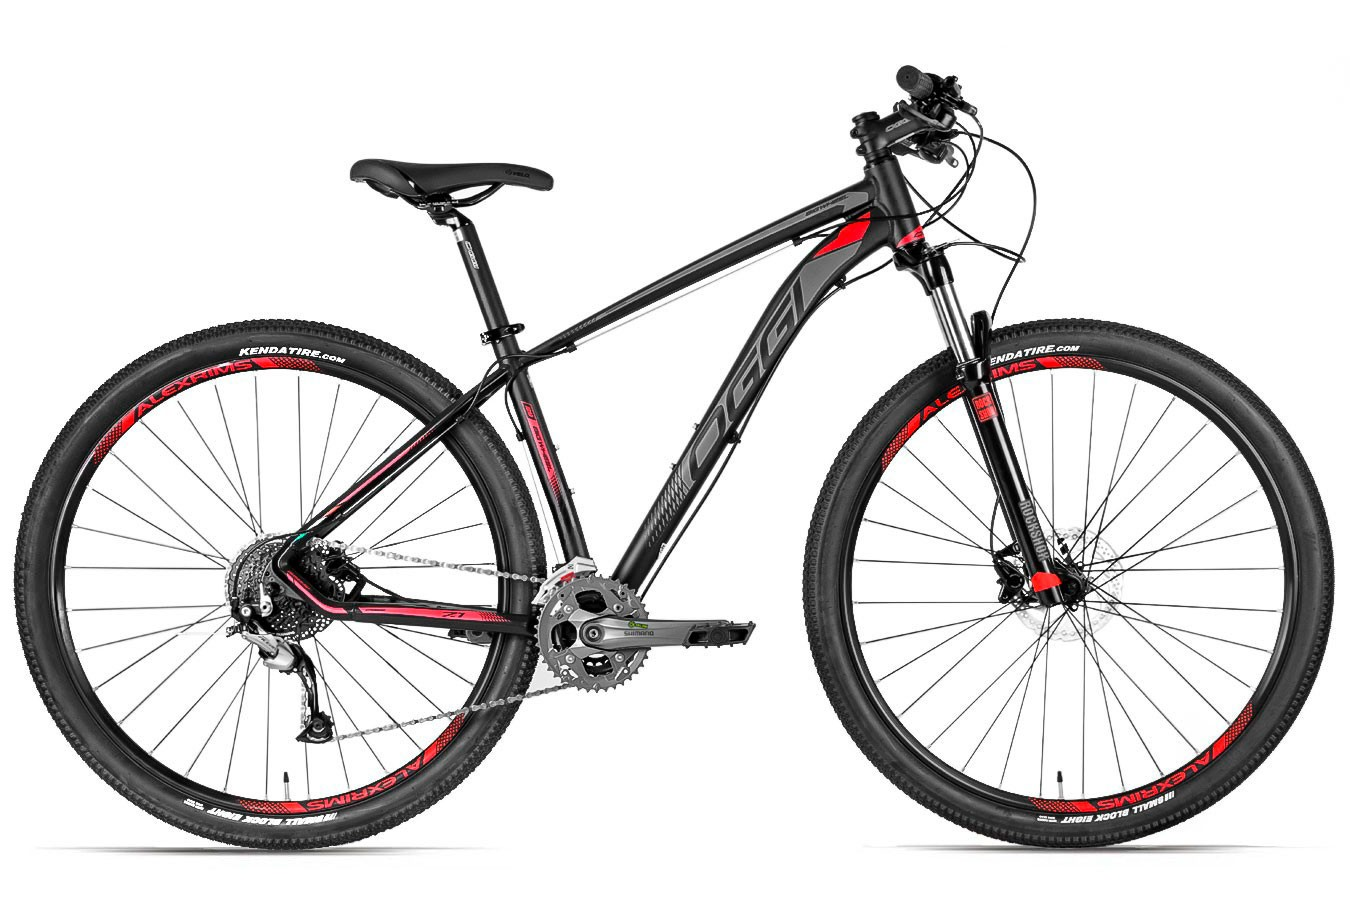 Bicicleta 29 Big Wheel 2019 7.1 preta e vermelha 27v Acera - Oggi